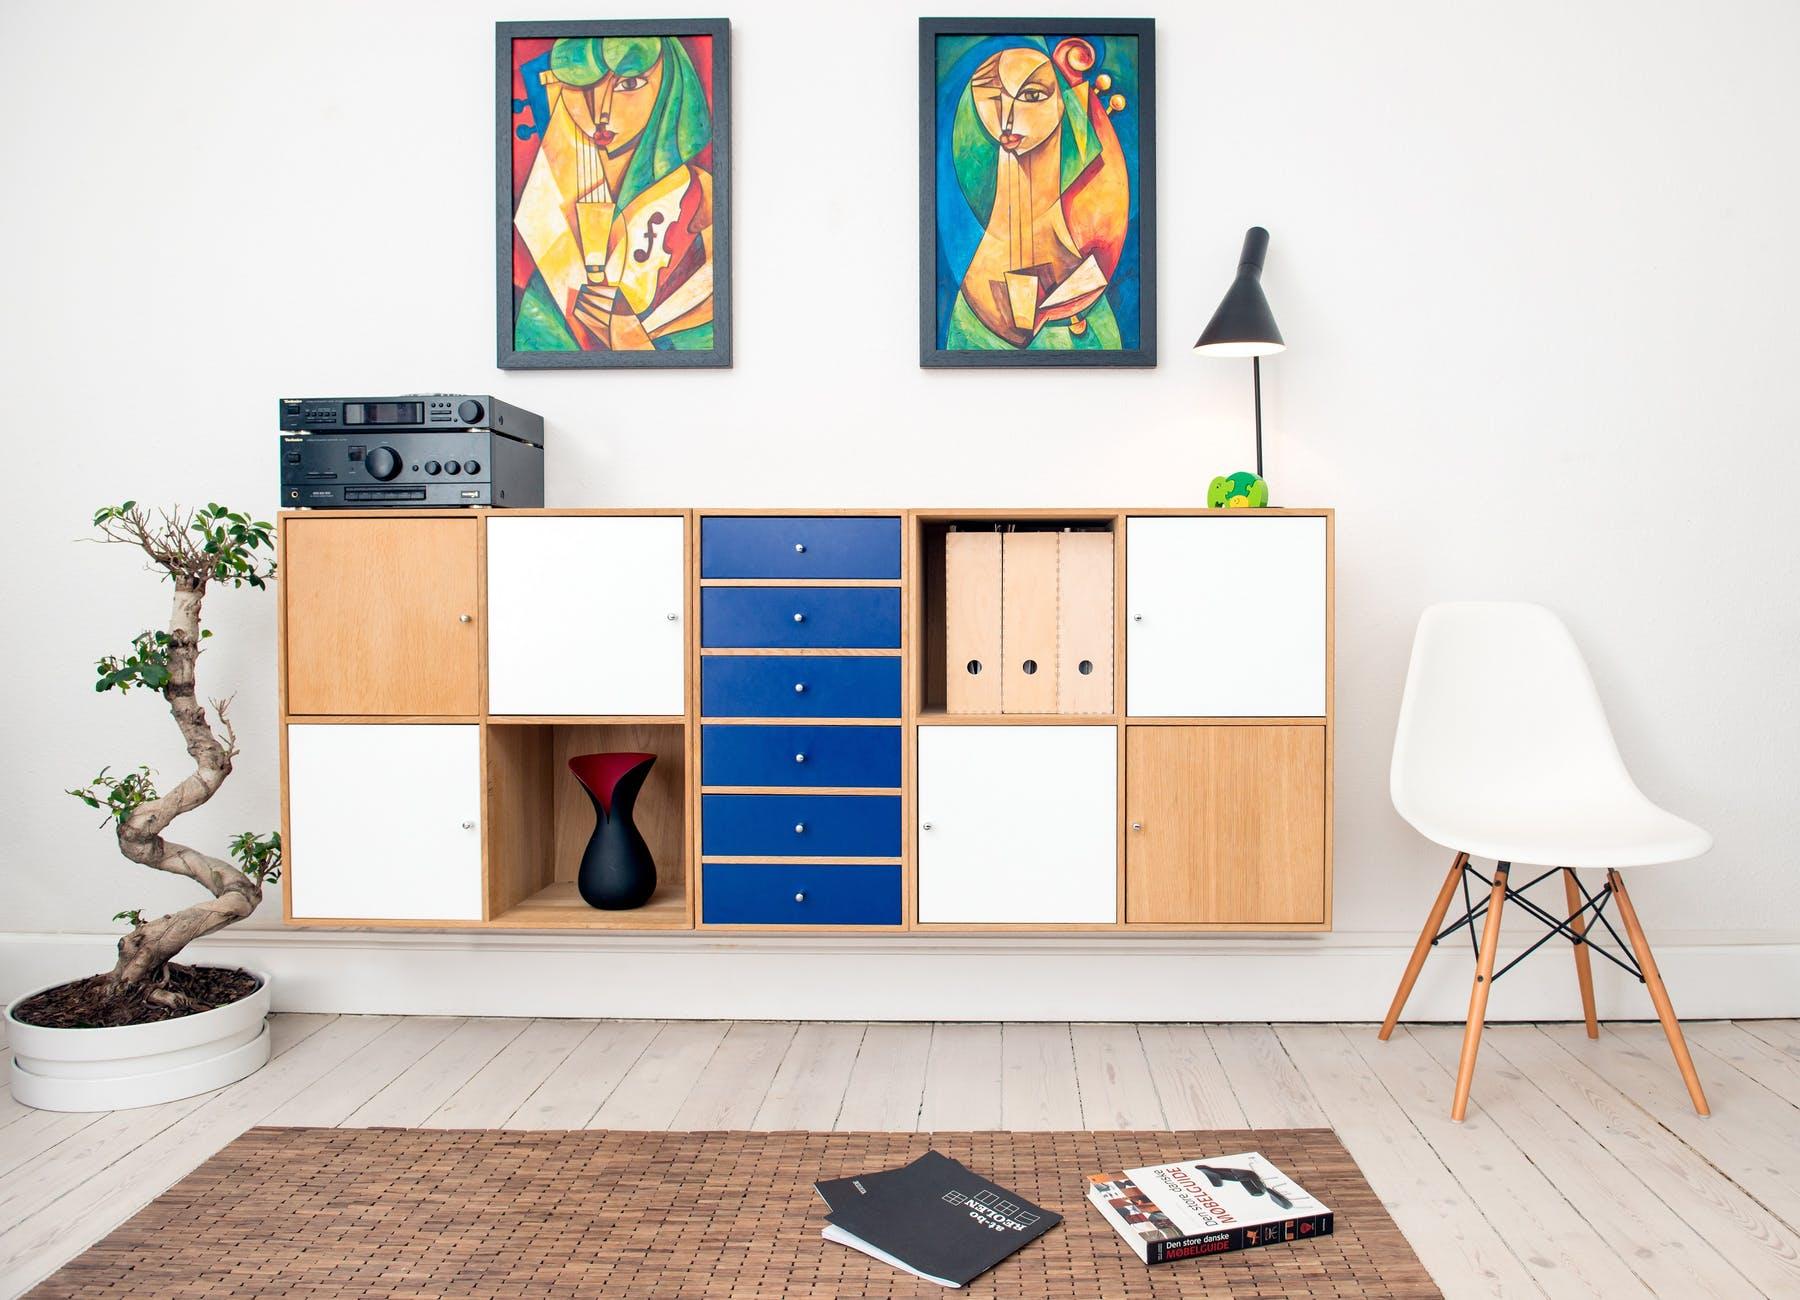 【大学生・社会人】1人暮らしで必要な「家具・家電」お勧め18選まとめ【コスパ良し】